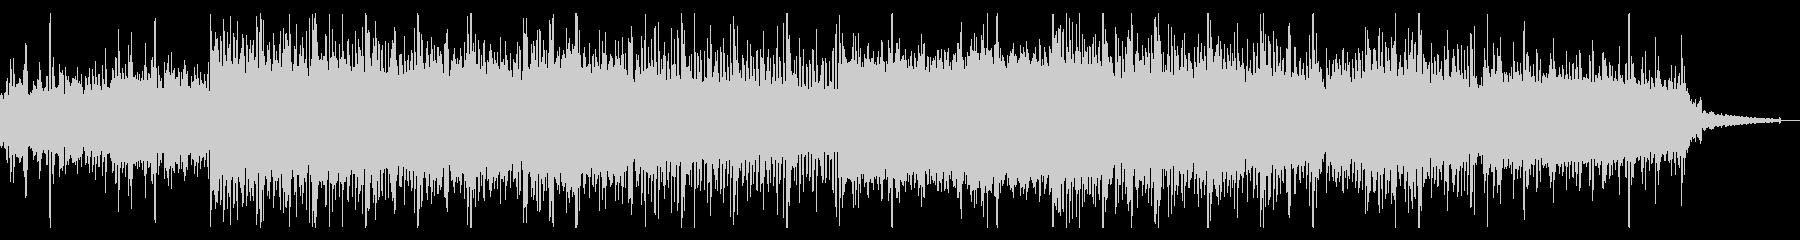 ホラーなインダストリアルIDMの未再生の波形